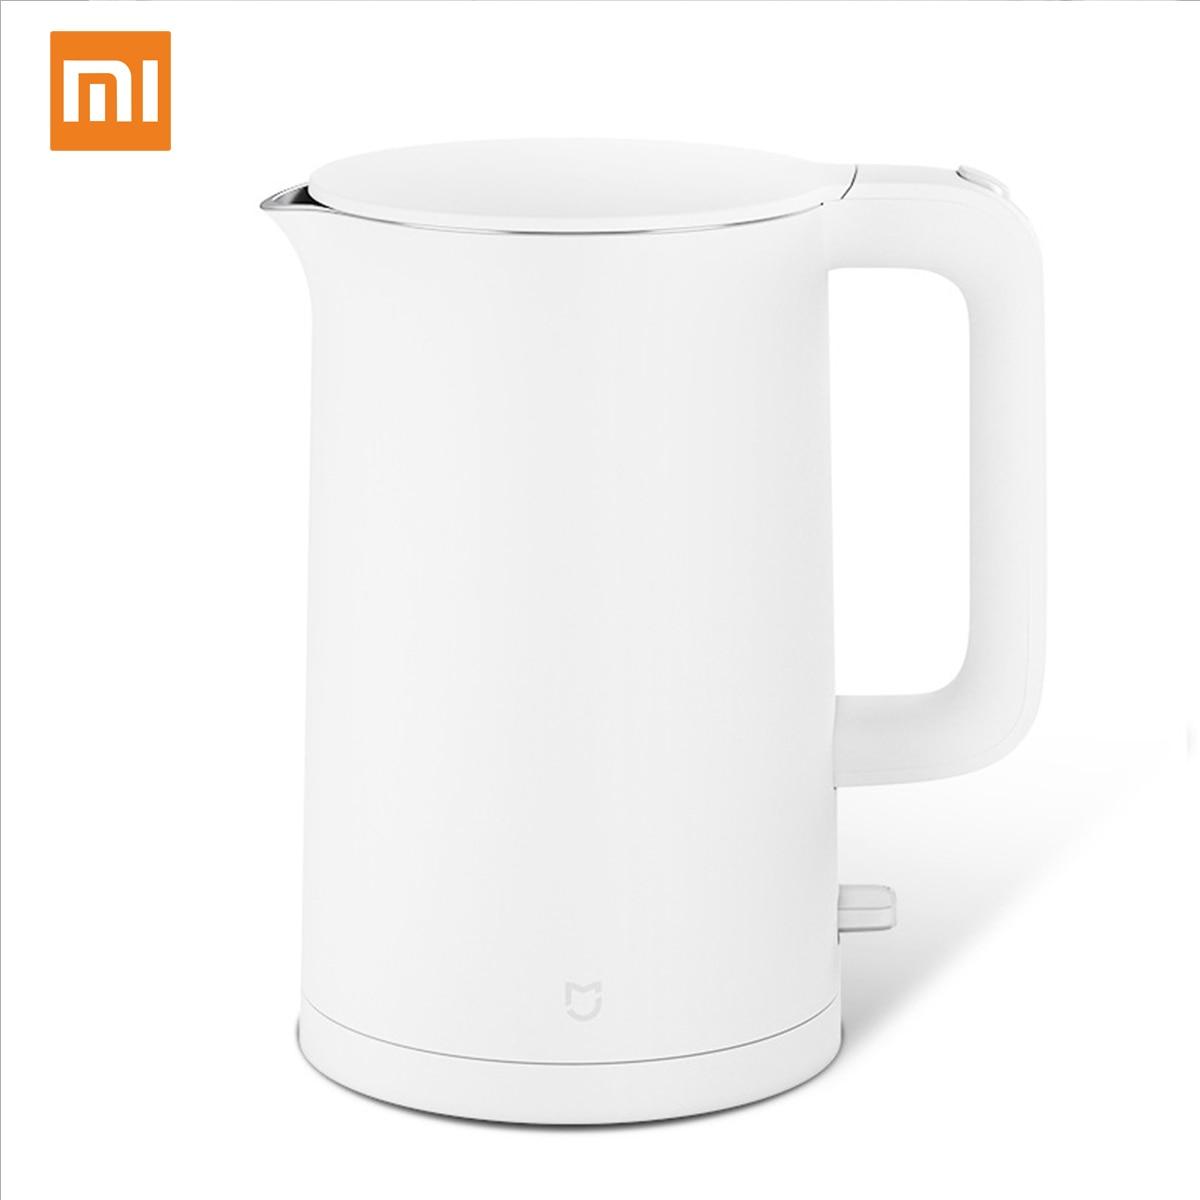 Электрический водонагреватель XIAOMI емкостью 1800 л мощностью Вт, ручной чайник, чайник для кофе, чайник с автоматическим отключением питания